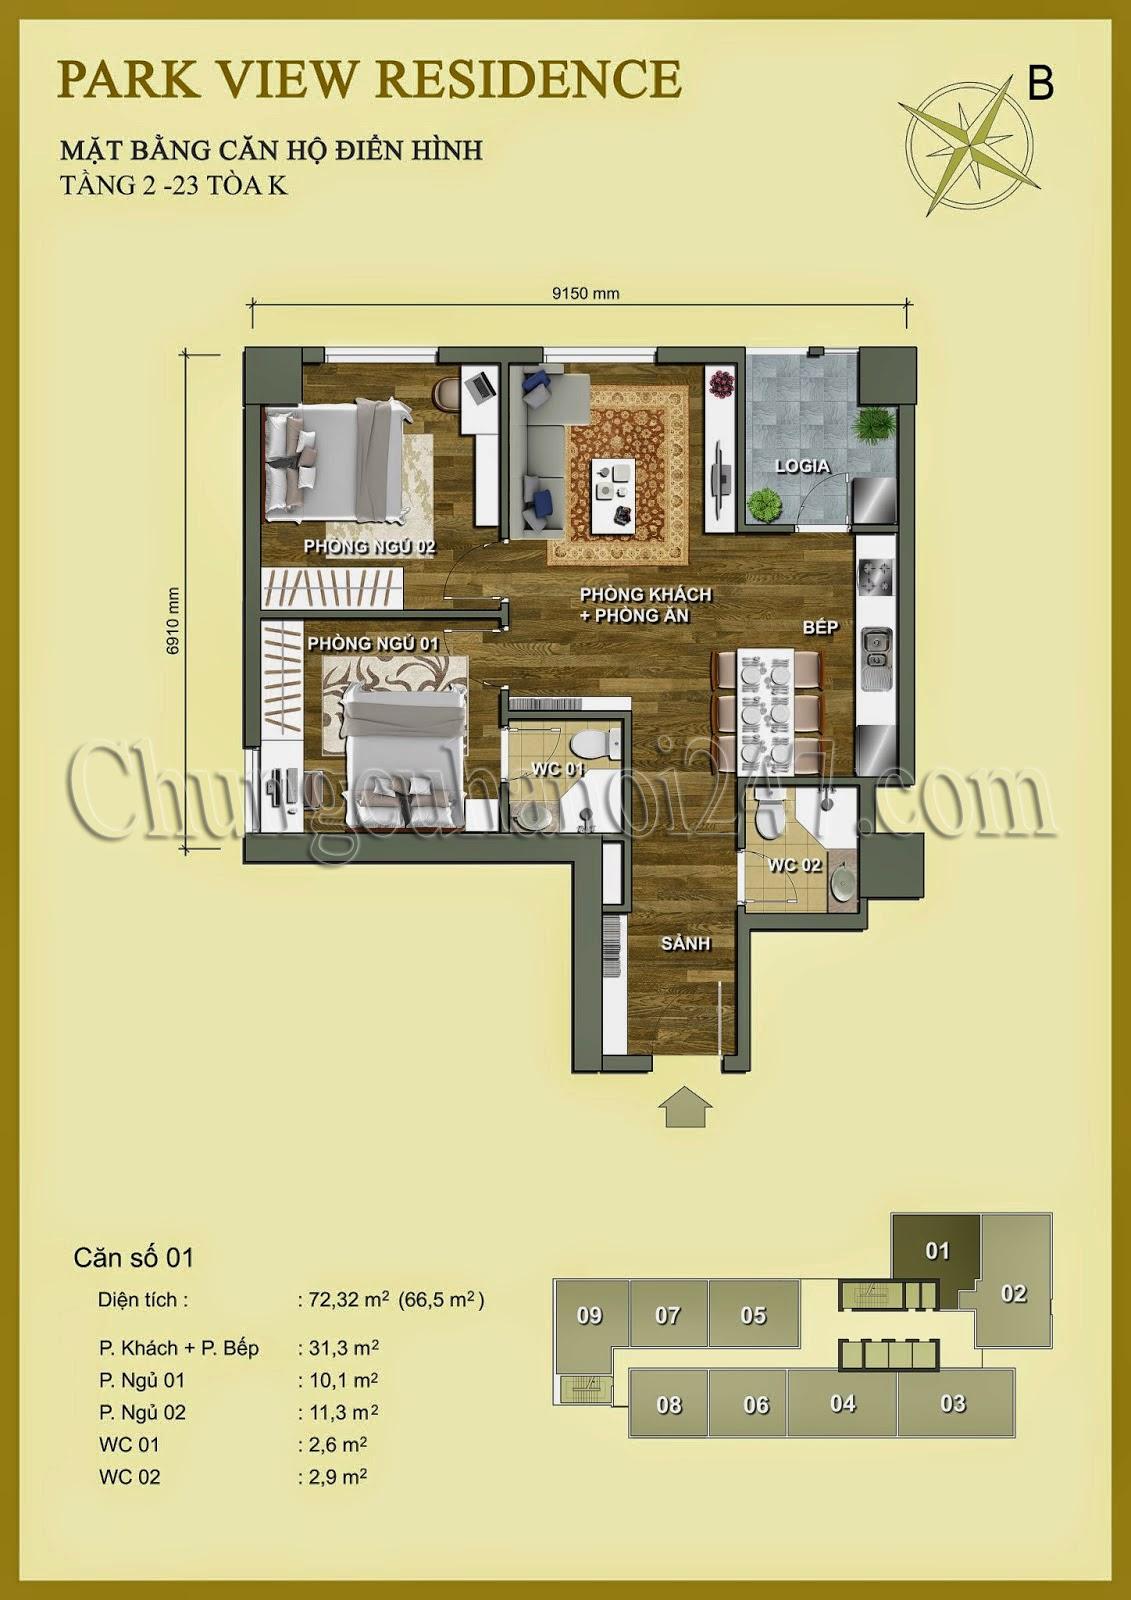 Mặt bằng thiết kế chung cư Park View Residence Dương Nội